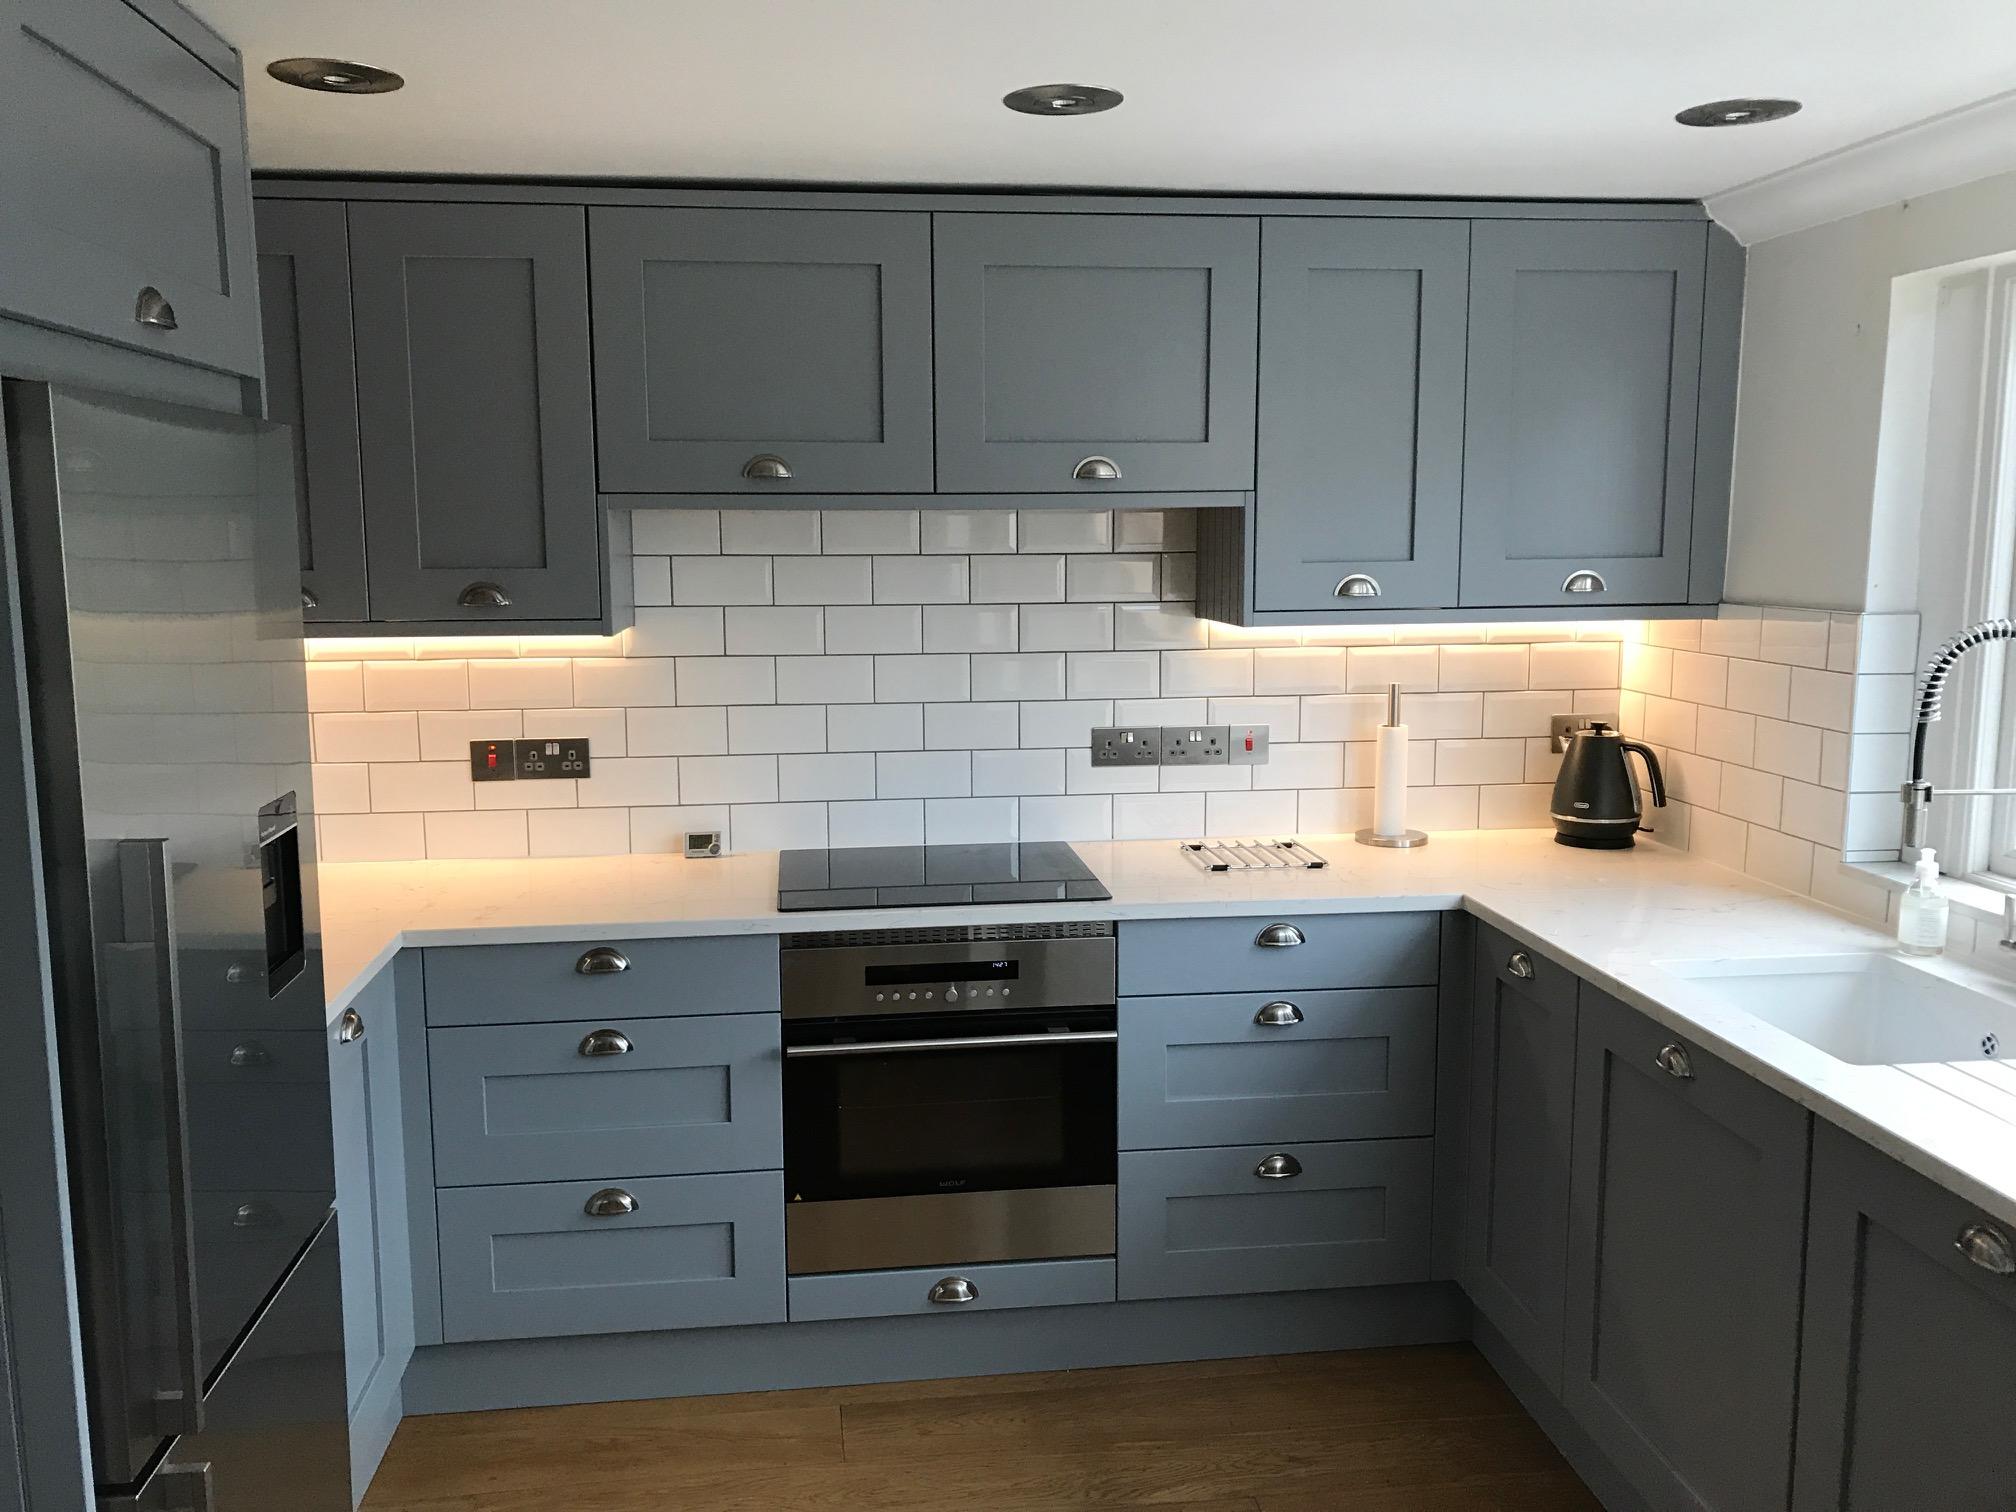 luna-grey-shaker-kitchen-design